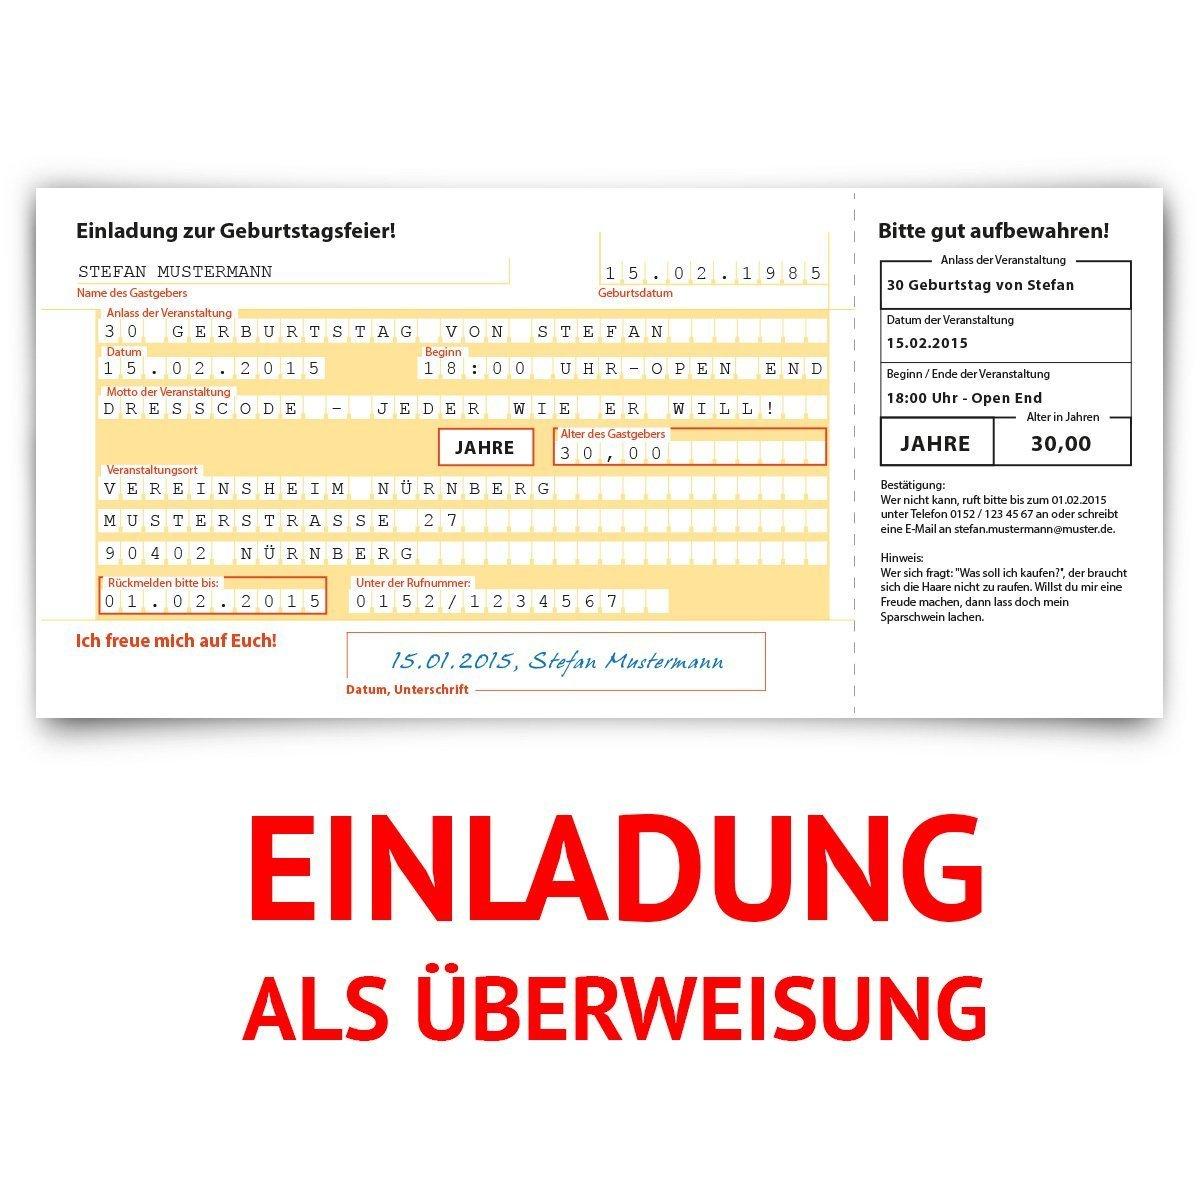 Einladungskarten Zum Geburtstag (60 Stück) Überweisung SEPA Bank Konto  Zahlung Geldsendung: Amazon.de: Bürobedarf U0026 Schreibwaren